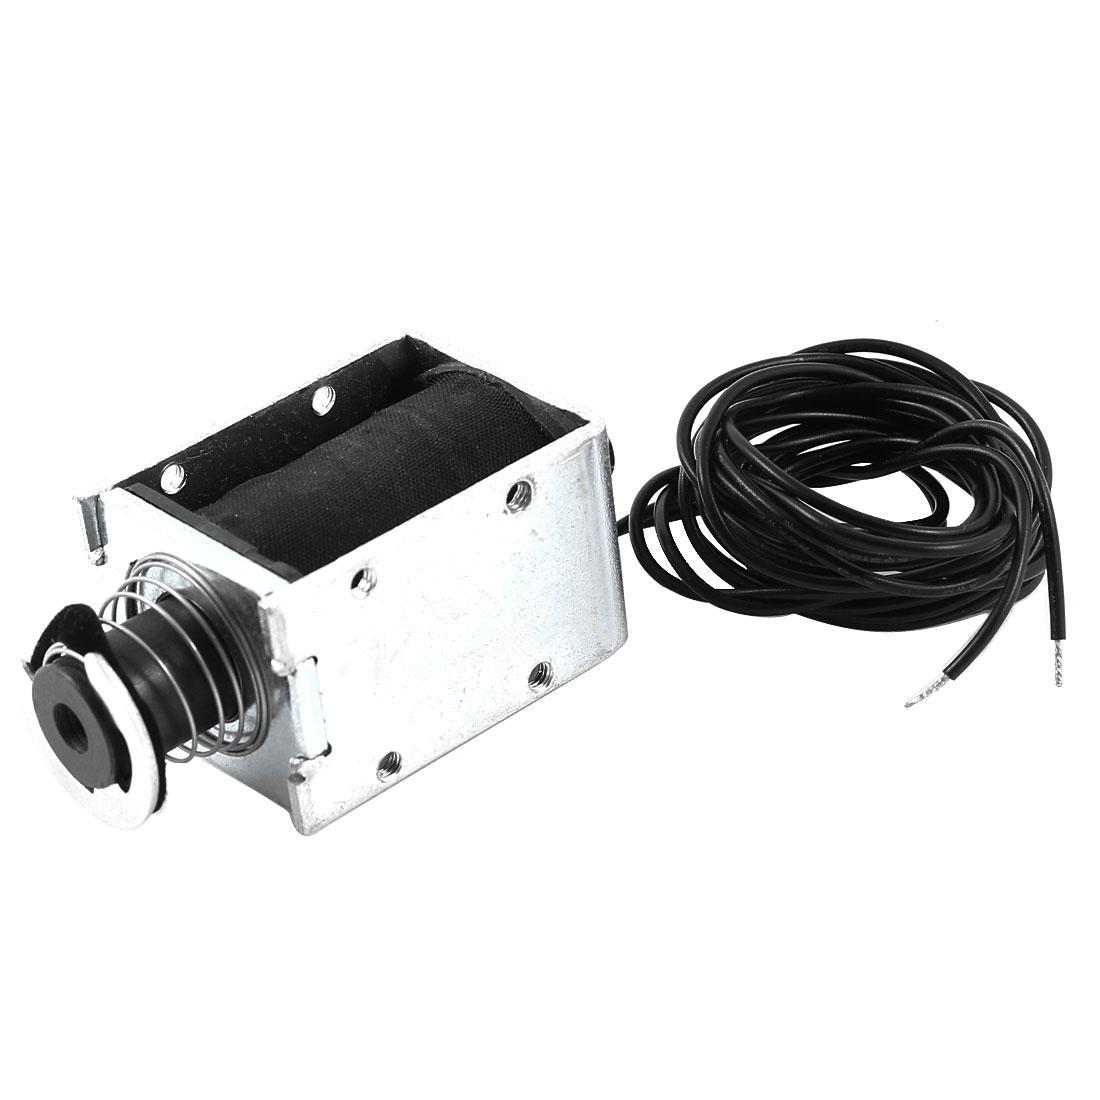 1mm/2Kg 15mm/0.1Kg 23.04W Open Frame Push Pull Type Solenoid Electromagnet DC 24V 0.96A